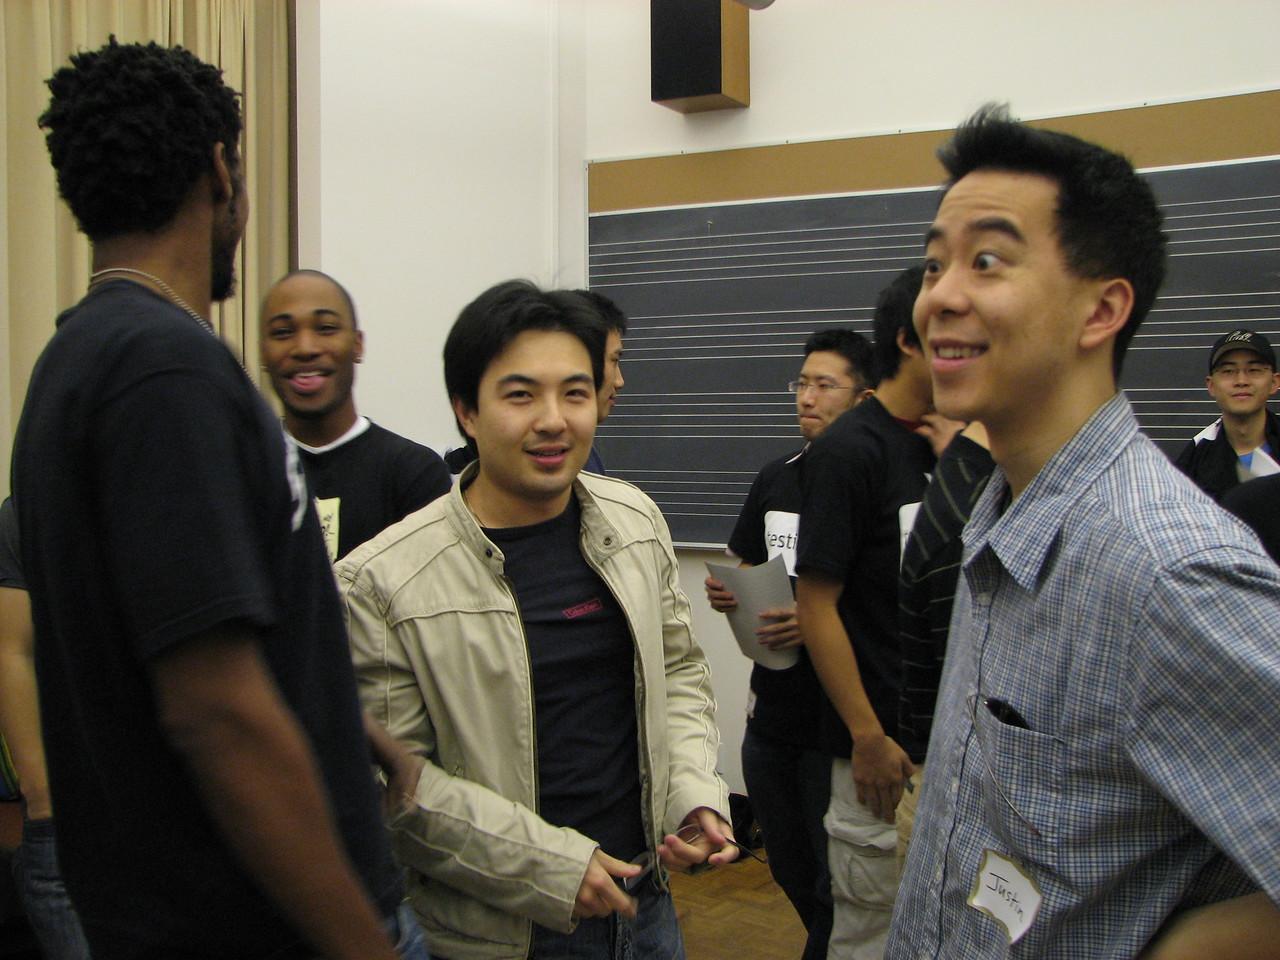 2006 12 02 Sat - Uchenna Okoye, Sanghyup Kwak, Justin Kao